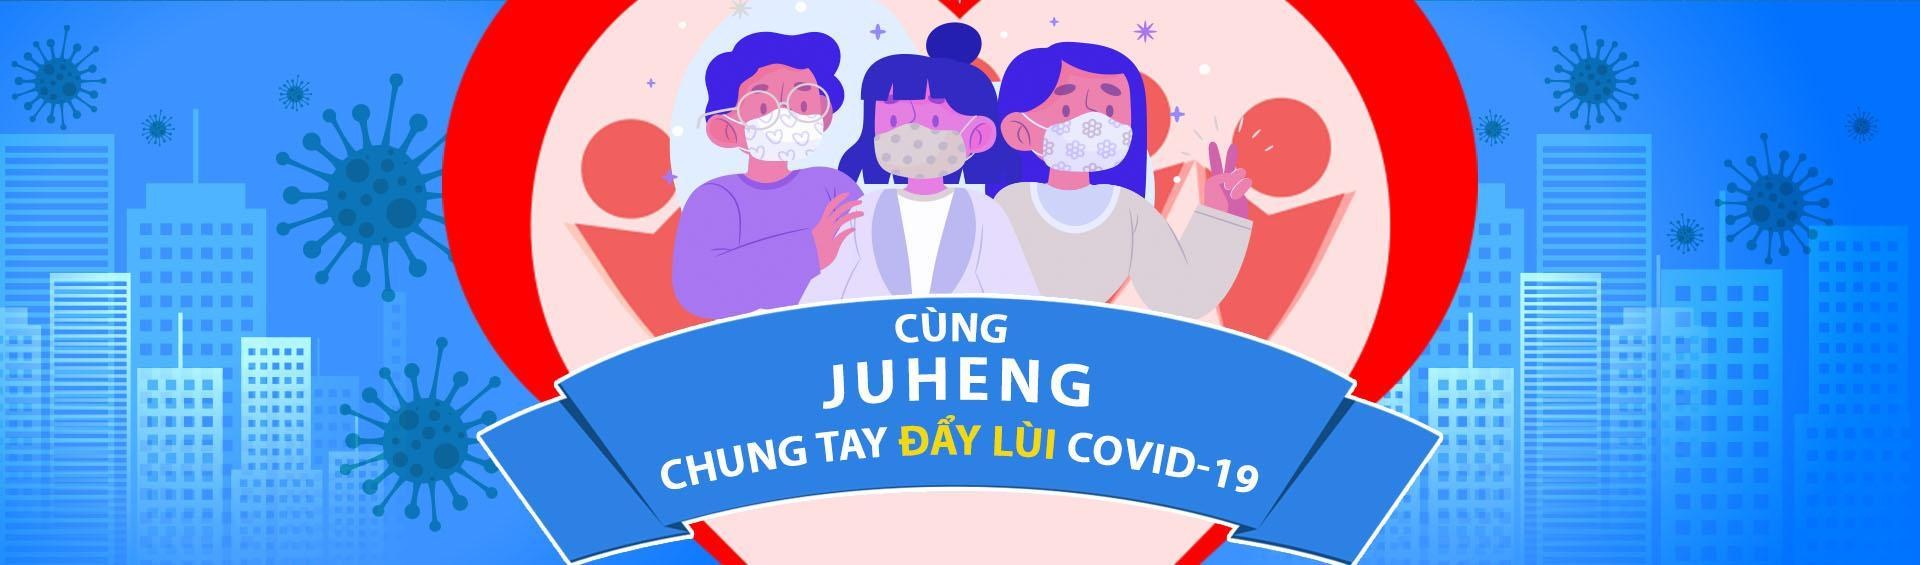 vatlieudanhbong-banner-thang8-1